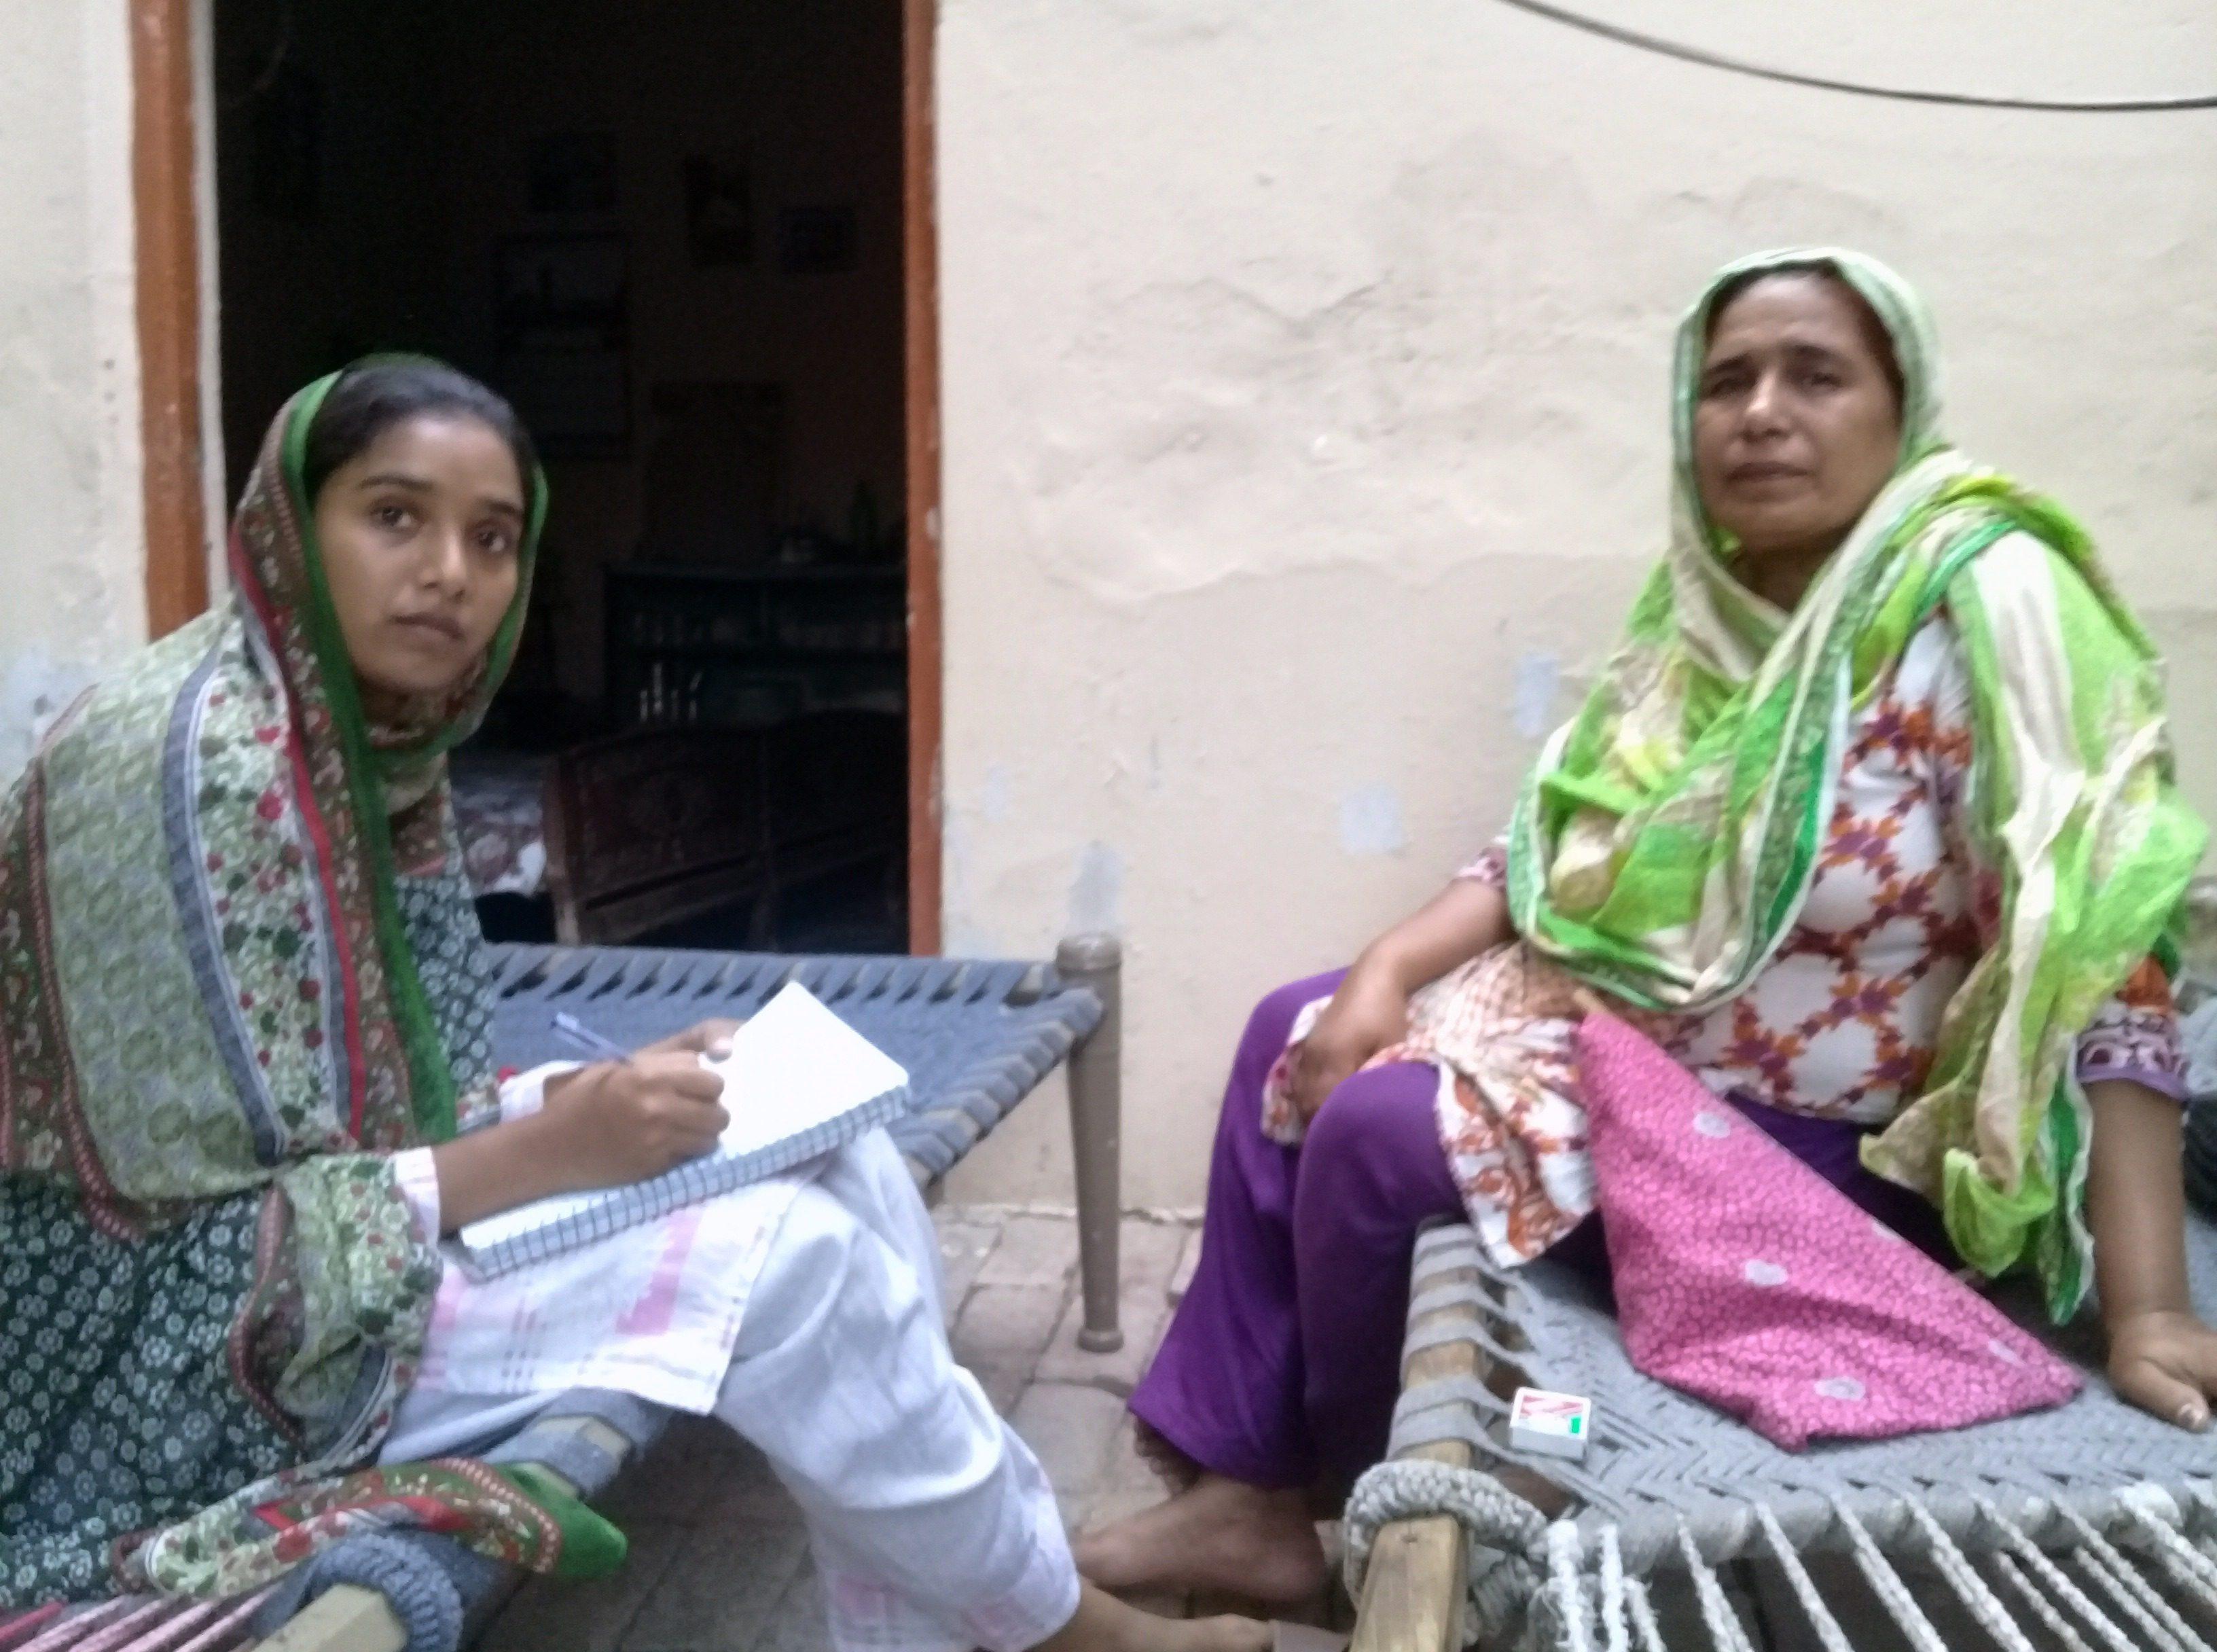 Paksitan, Sargodha, 2018 Daughter Meerab Gulzaar and her monther Naasra Bibi at their home. Nach fünf Jahren Ehe adoptierten Gulzar Masih und seine Frau, ein katholisches Paar, mit Hilfe eines Familienfreundes ein kleines Mädchen aus einem örtlichen Krankenhaus. Das Mädchen hieß Meerab. Meerab, der heute 19 Jahre alt ist und in Sargodha, Pakistan, lebt, spricht über die schwierigen Realitäten ihres Lebens und ihre Ziele für die Zukunft an die Pontifikalstiftung Aid to the Church in Need.